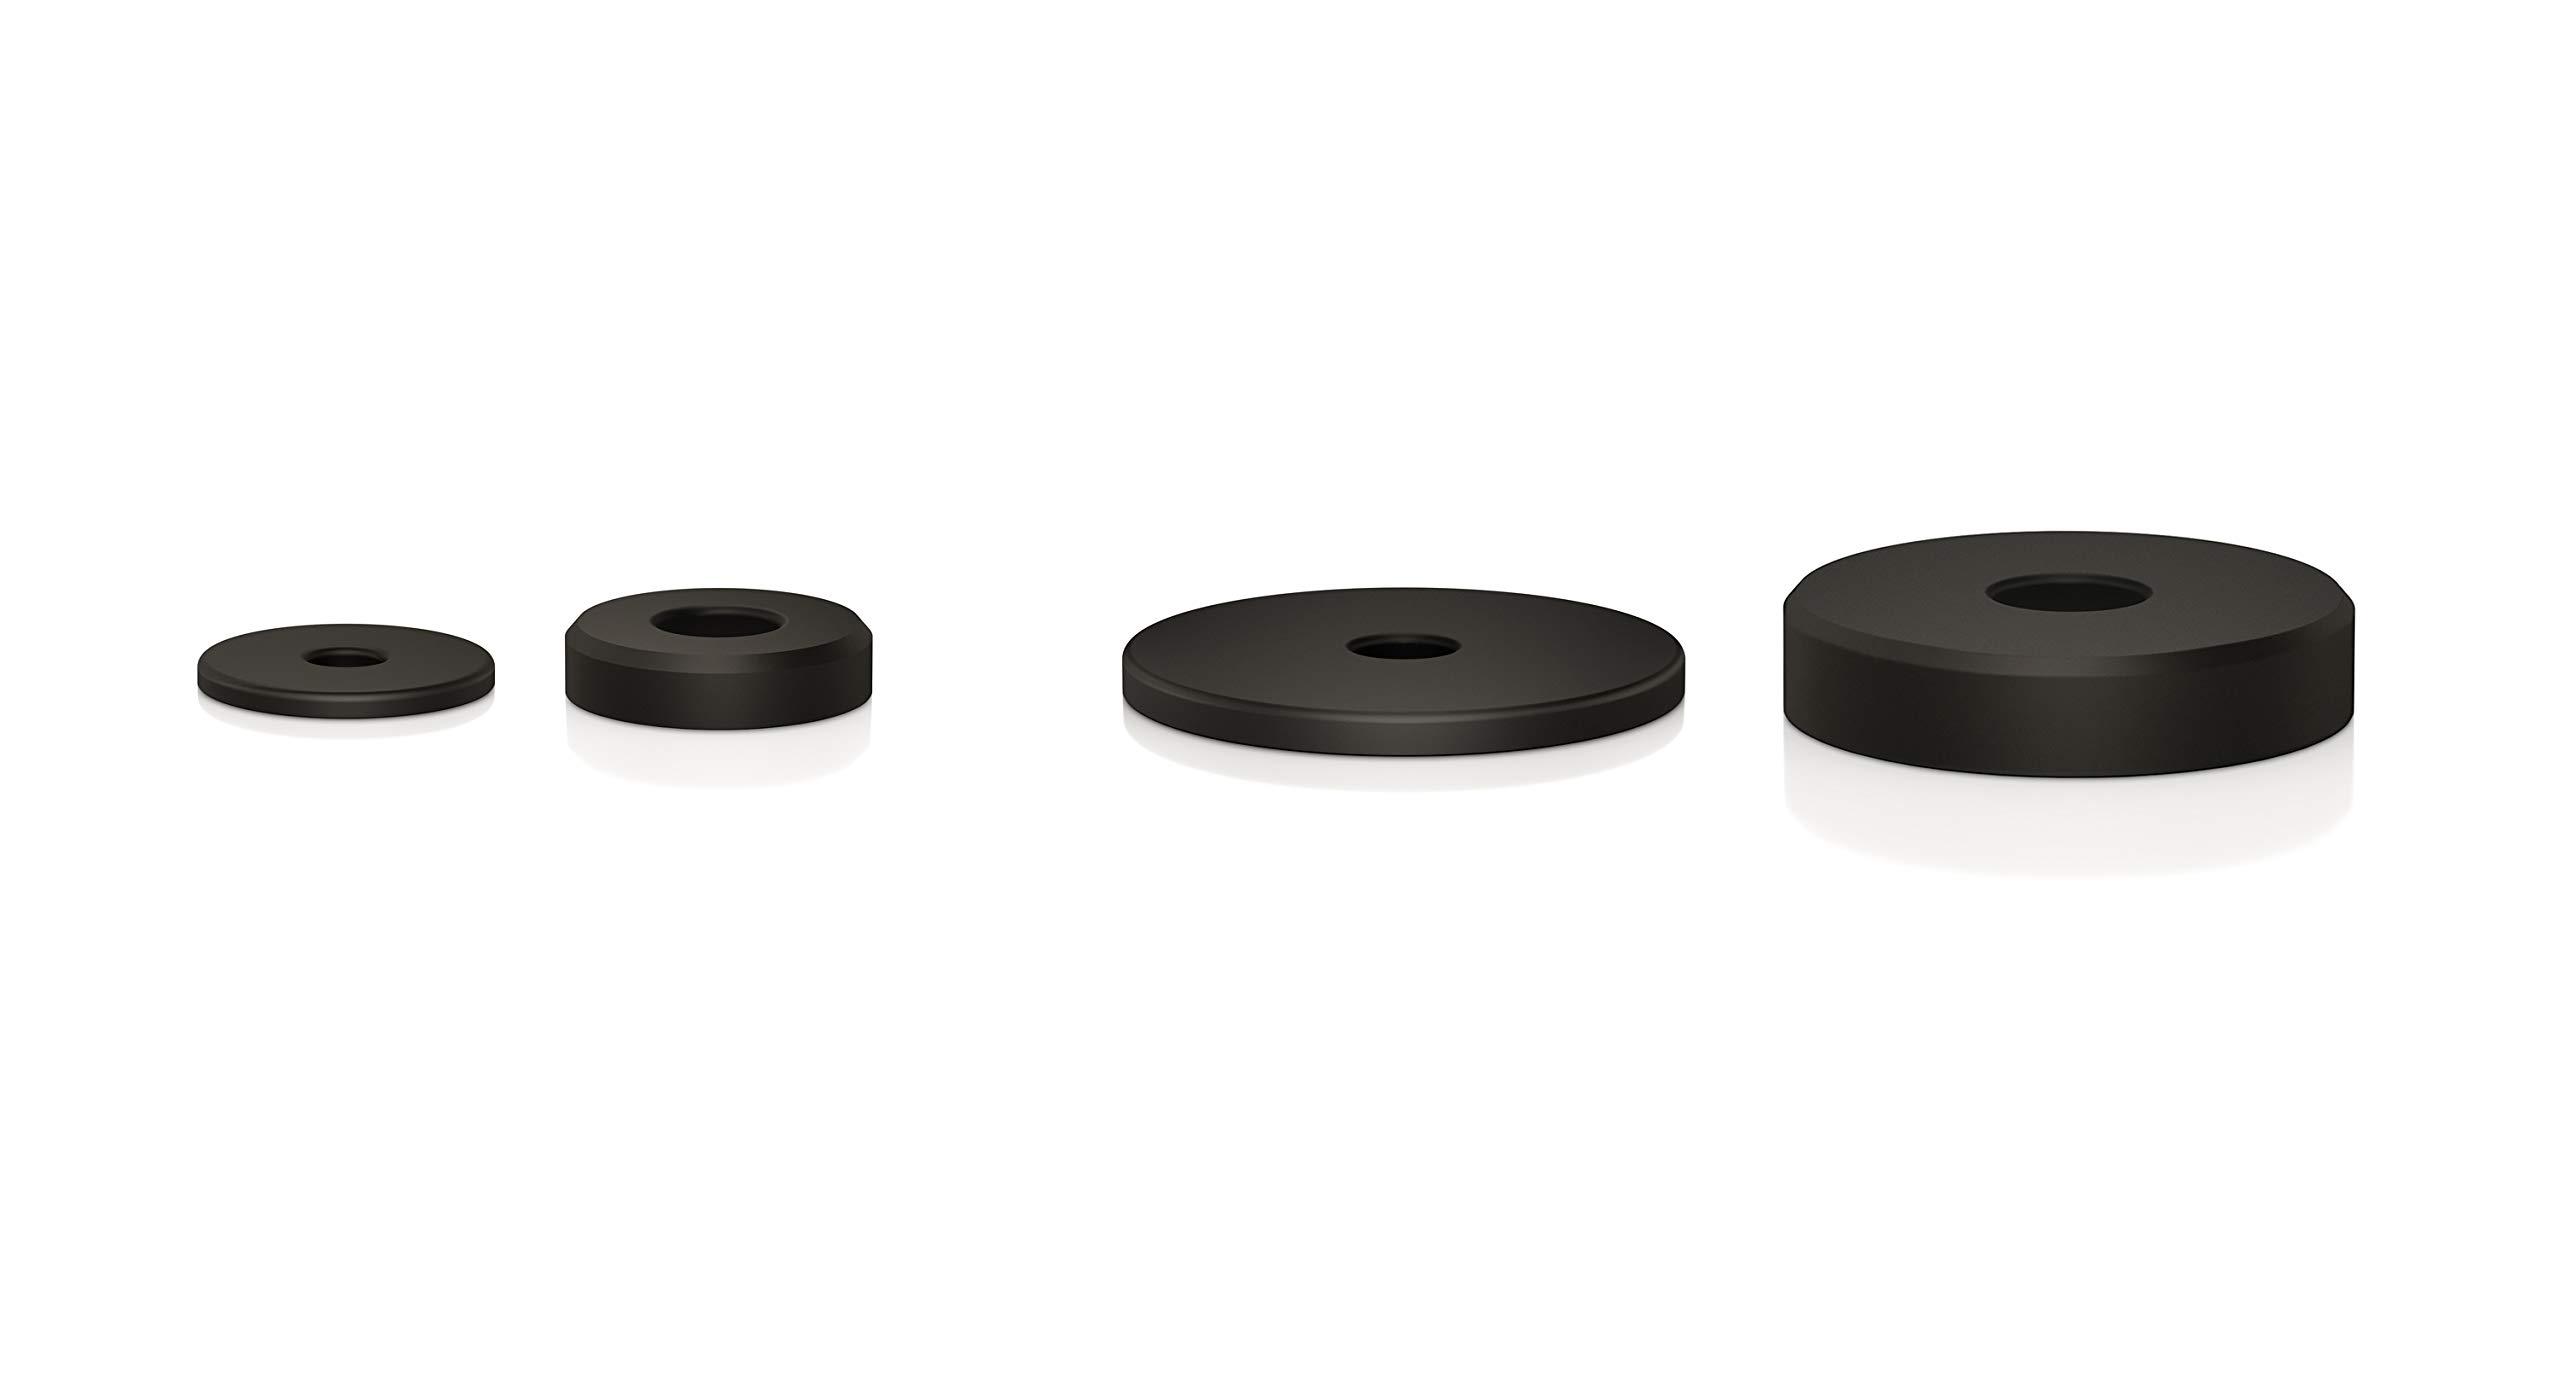 Almohadillas absorbentes para Amortiguador de Vibraciones Color Negro VIABLUE Absorber Softpads UFO//UFO XL 8 Unidades, Diferentes tama/ños y Alturas